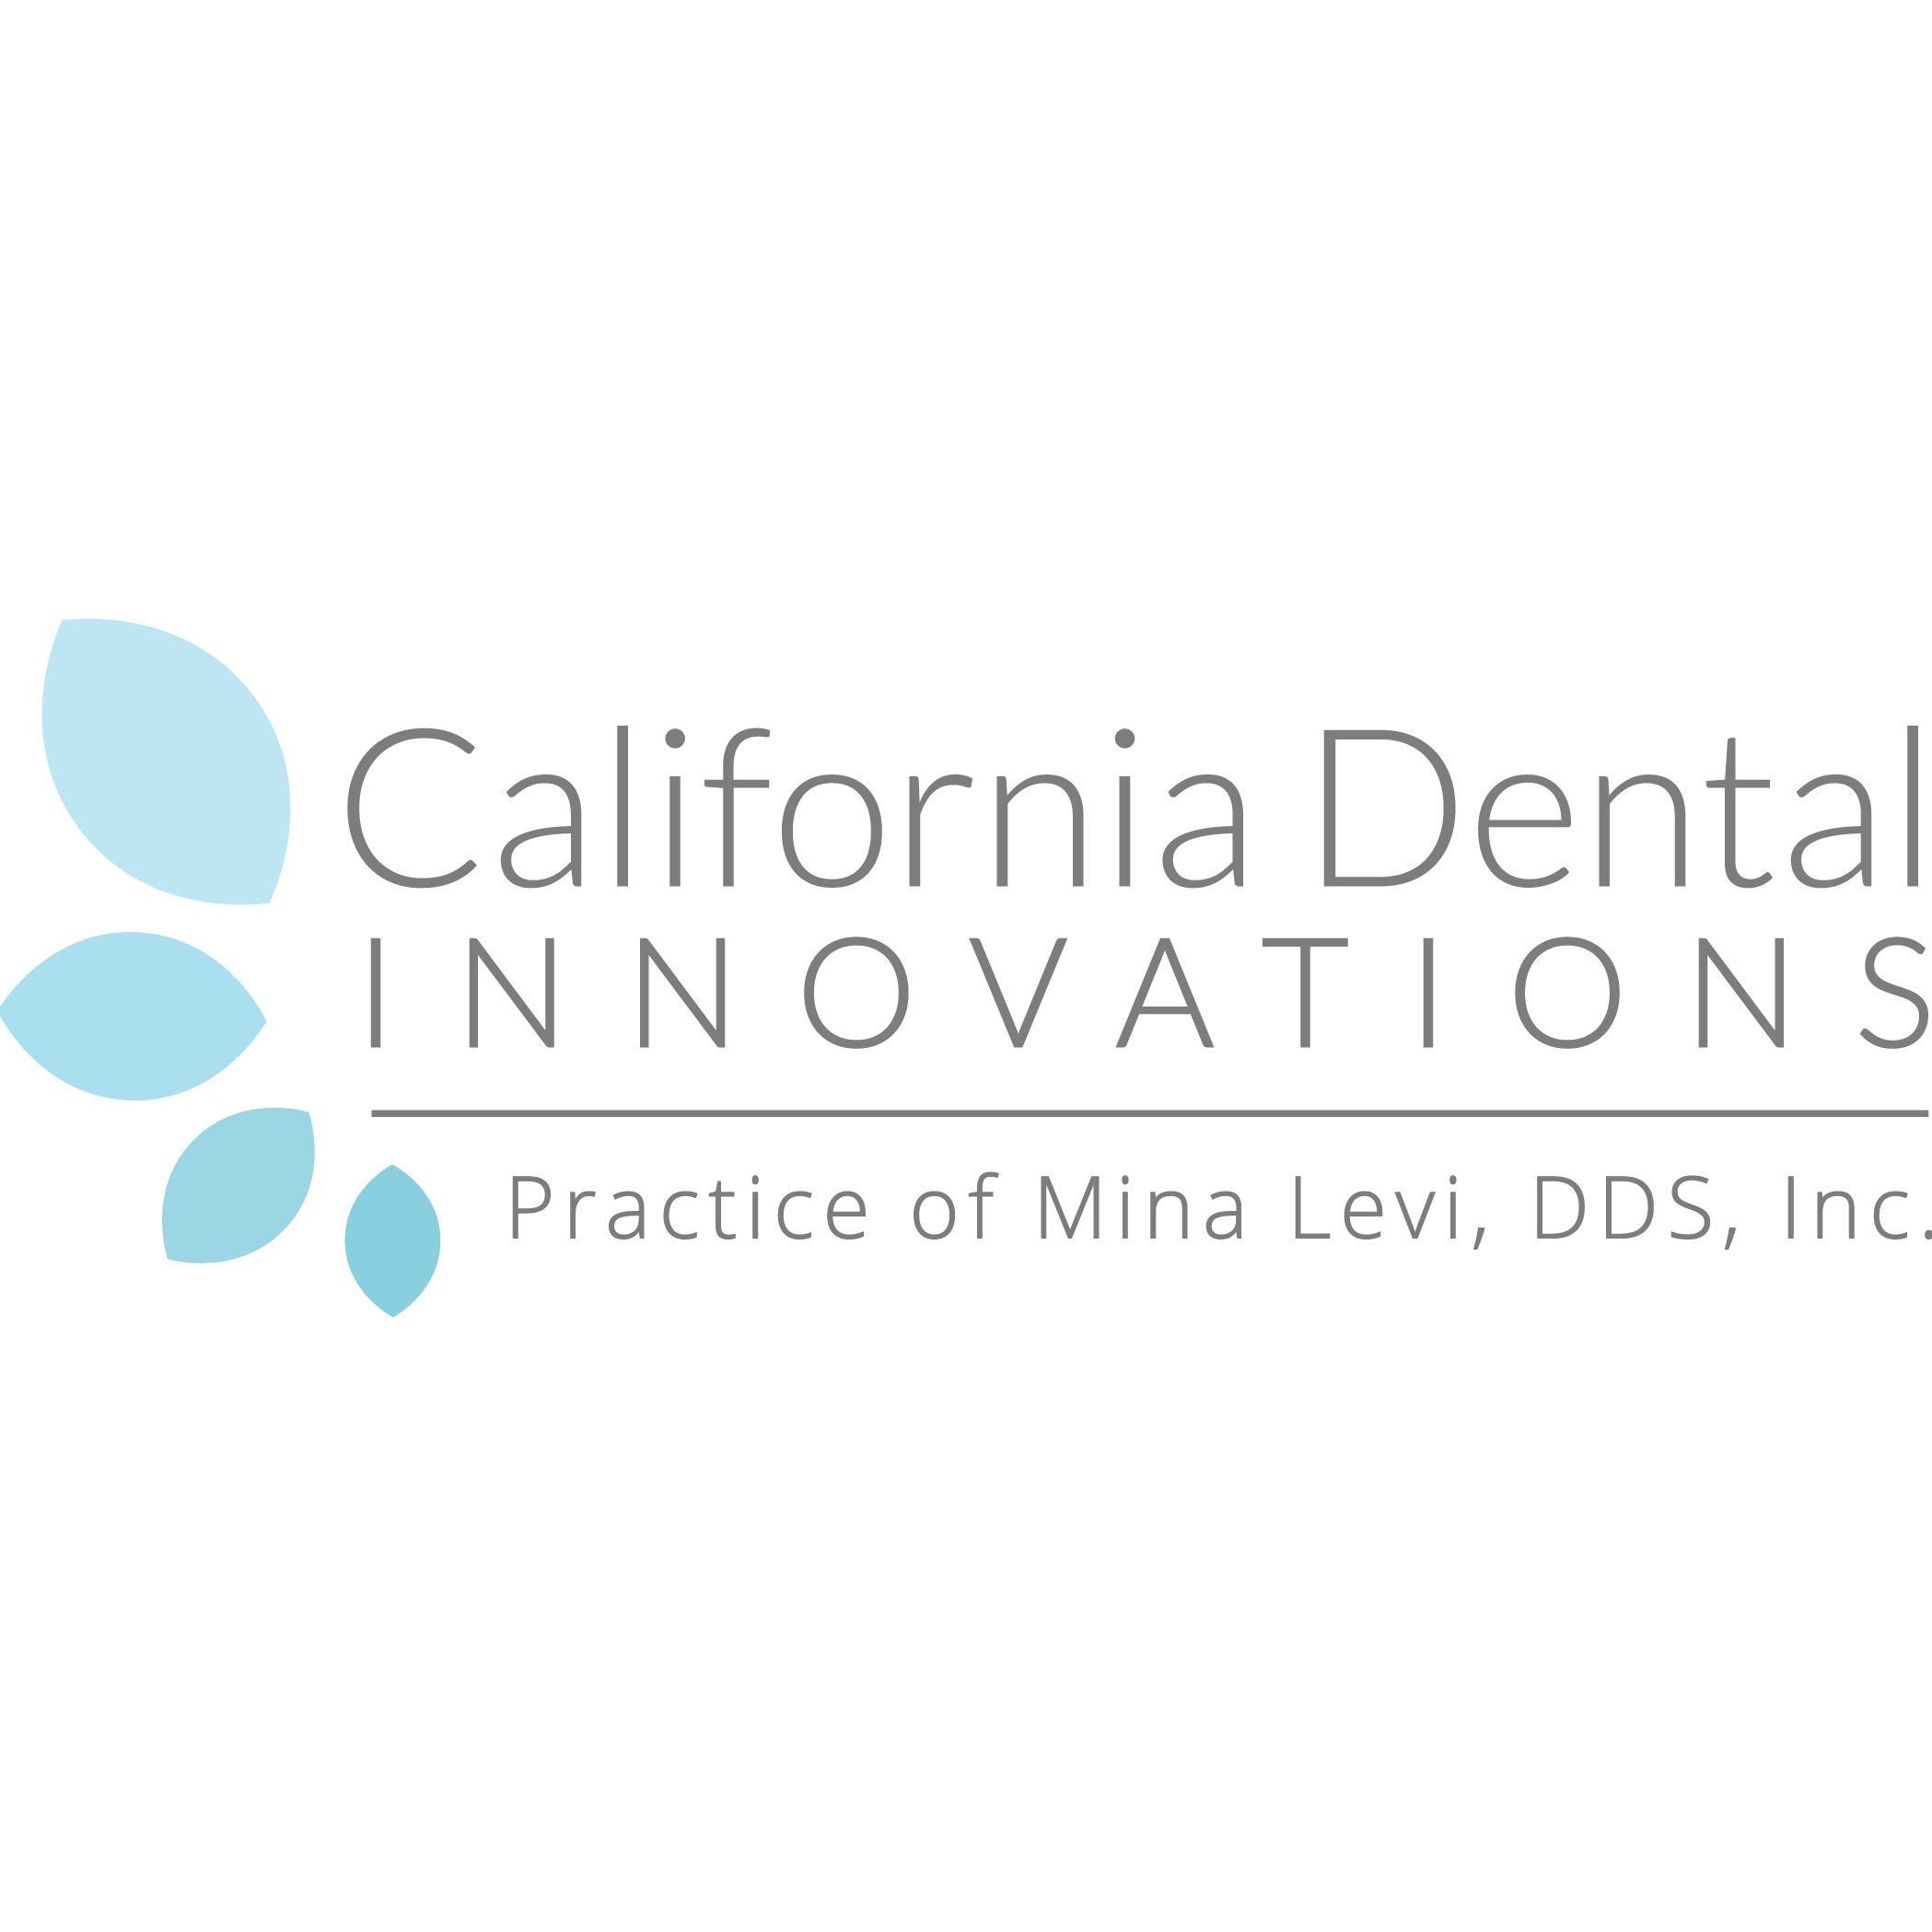 California Dental Innovations